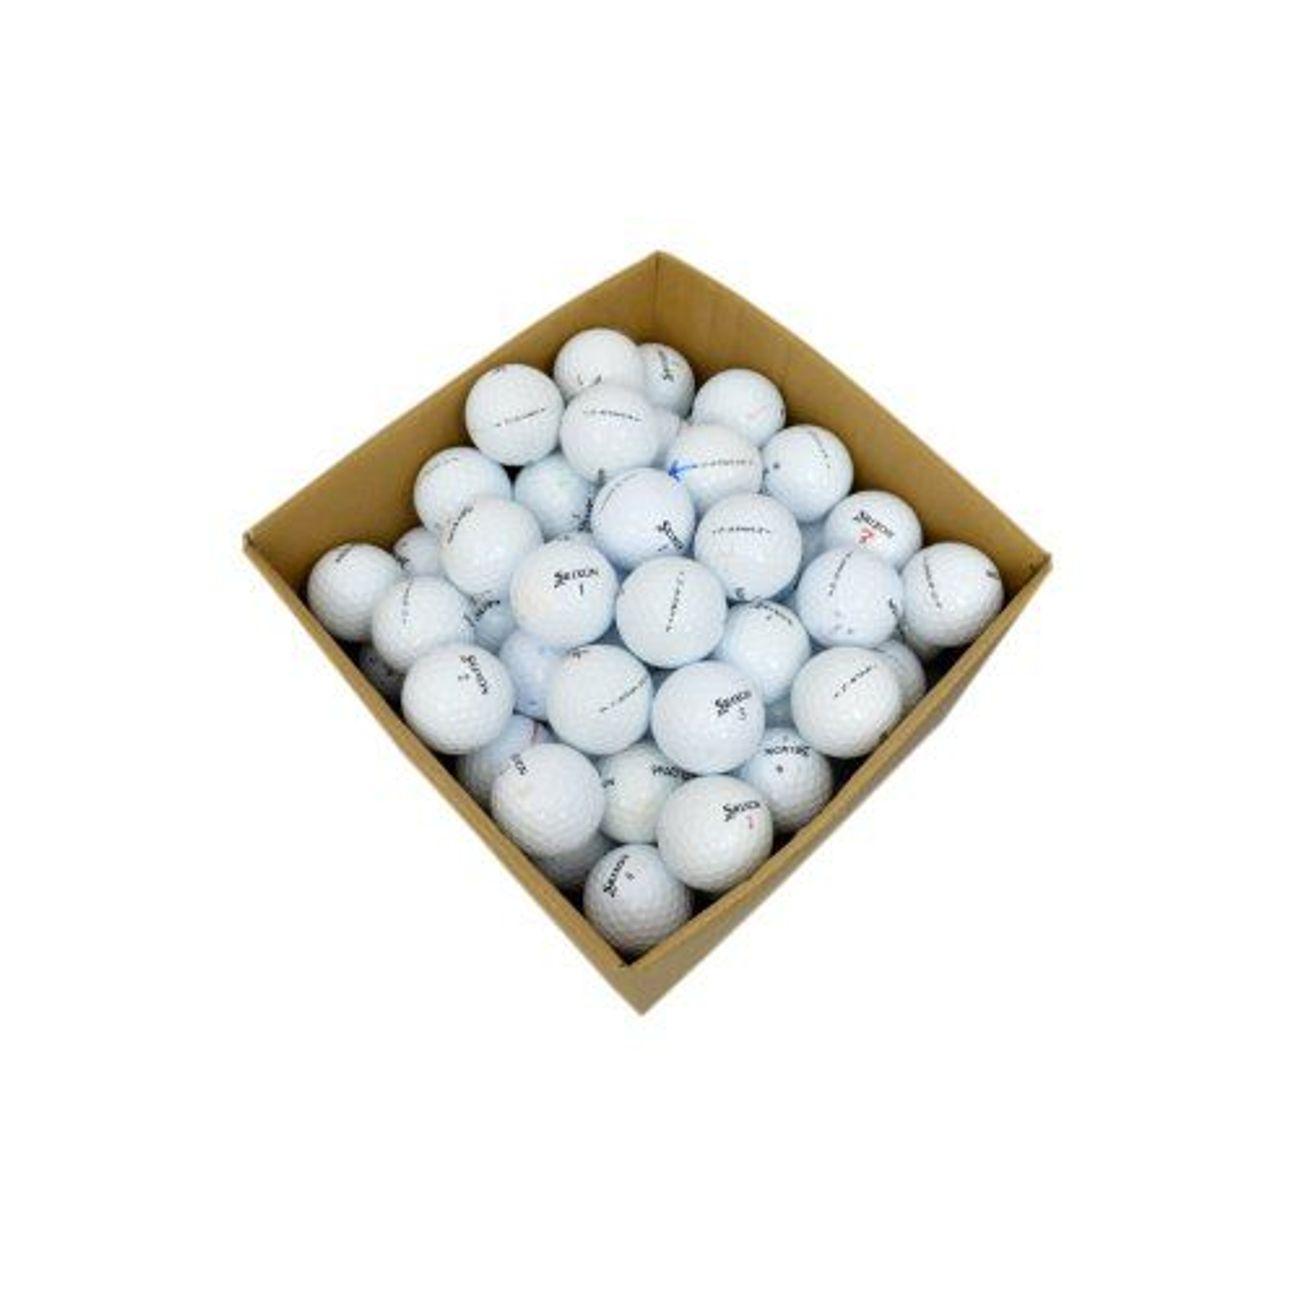 SECOND CHANCE Second Chance Z Star 100 Balles de golf de lac Calibre B